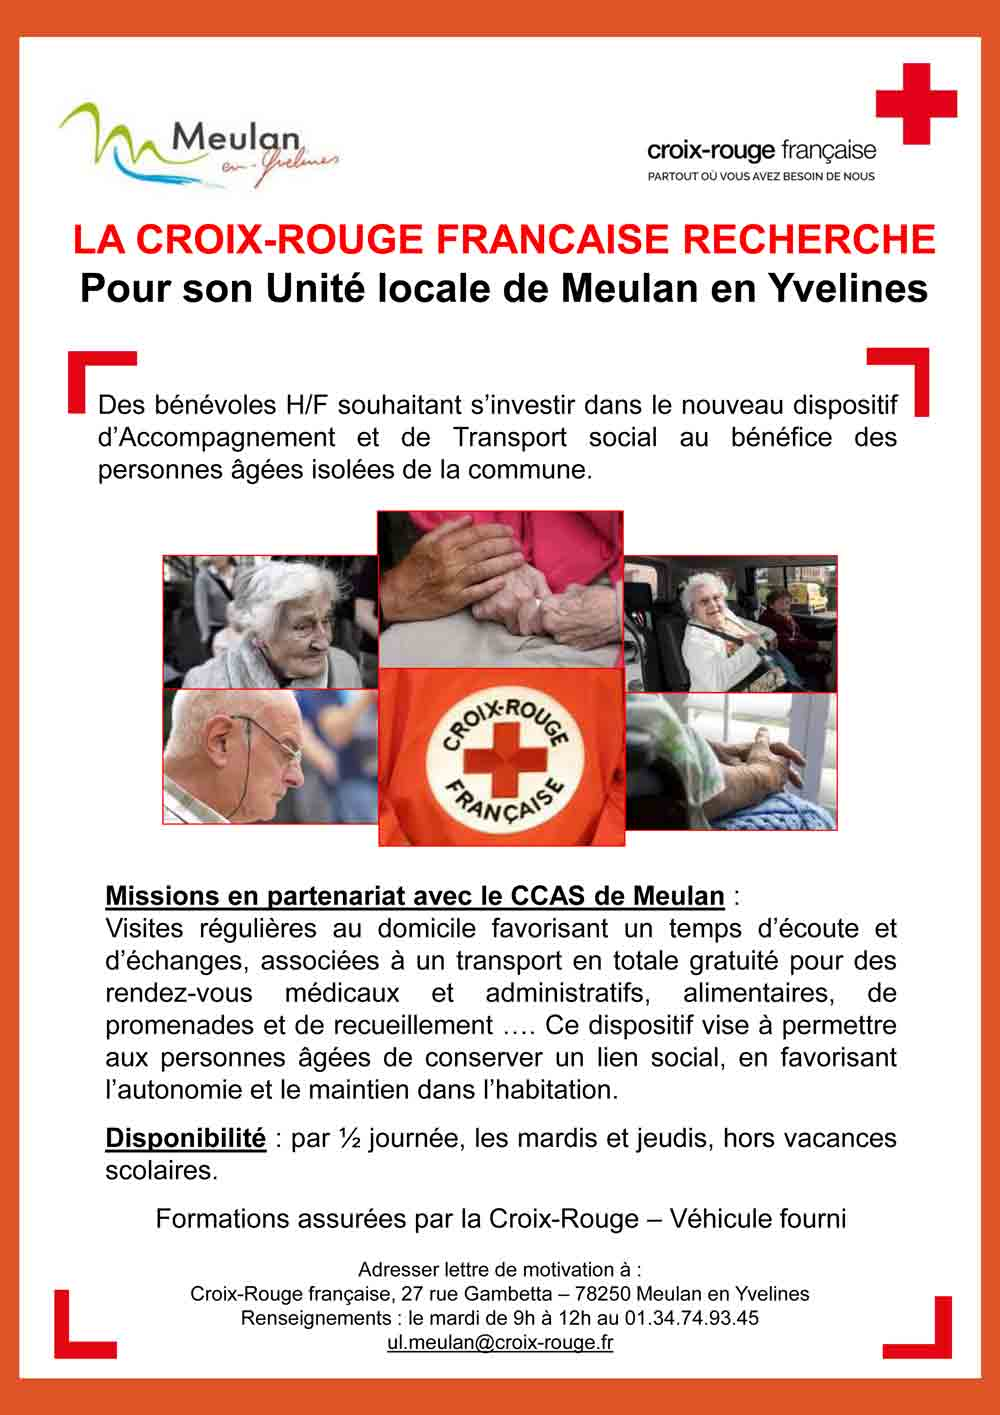 lettre de motivation pour b u00e9n u00e9volat croix rouge